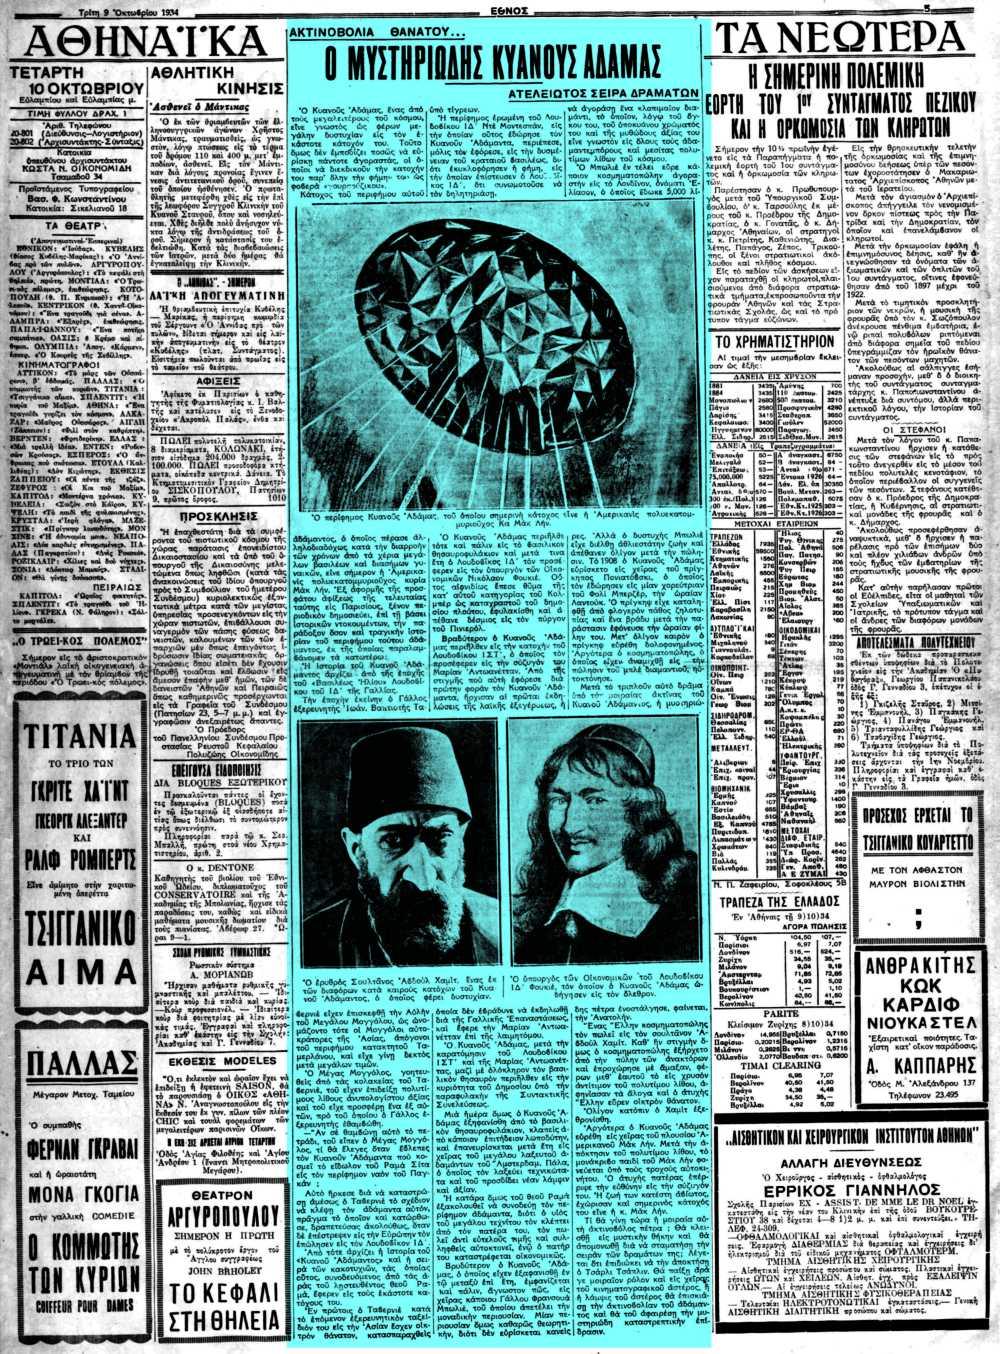 """Το άρθρο, όπως δημοσιεύθηκε στην εφημερίδα """"ΕΘΝΟΣ"""", στις 09/10/1934"""